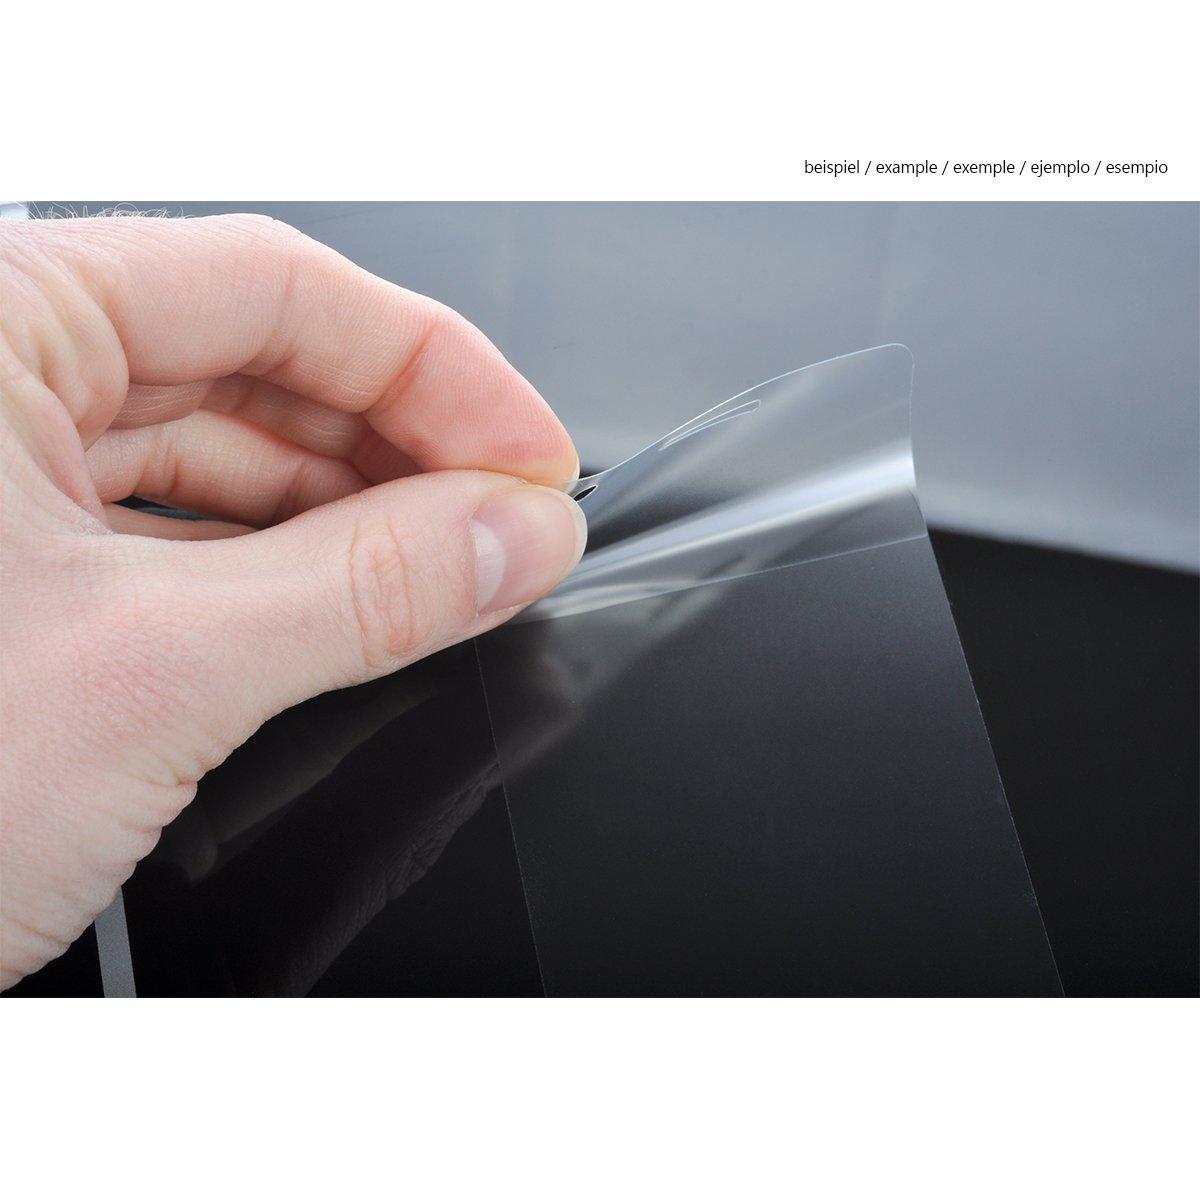 disGuard Protecteur d/écran Mat Anti-Empreinte Digitale Extr/êmement r/ésistant Antireflets Anti-Reflex 2 Pi/èces Compatible avec Nikon Coolpix W300 Anti-reflet Film Protecteur